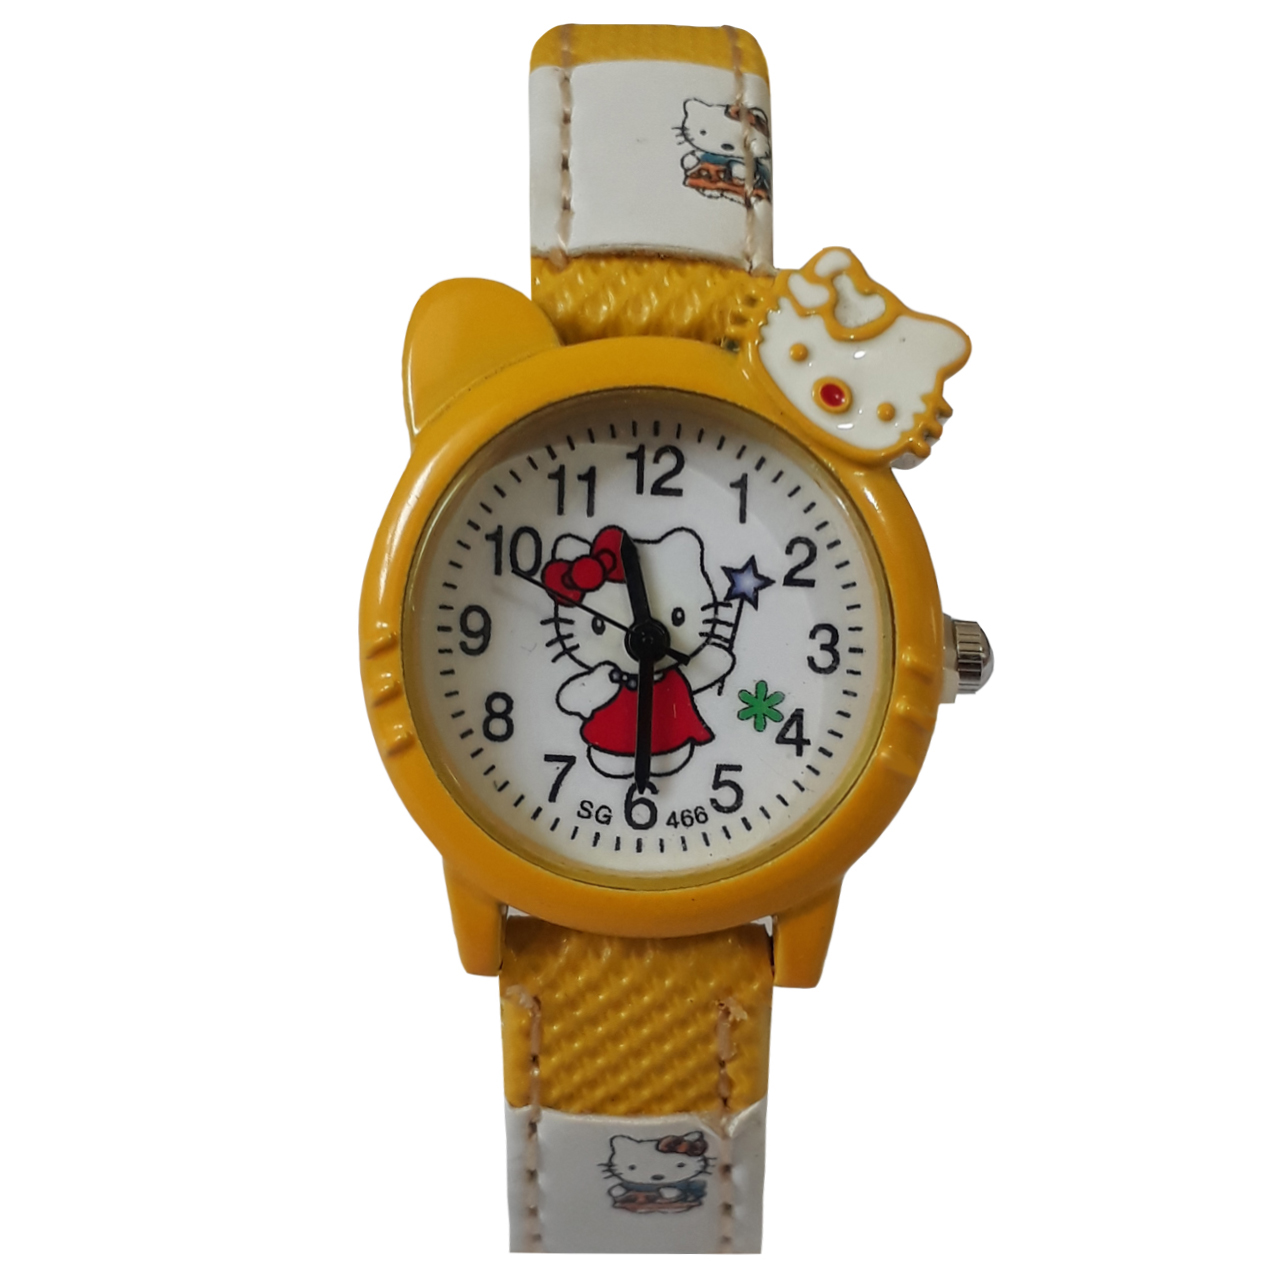 ساعت مچی عقربه ای بچگانه مدل کیتی کد 905 43